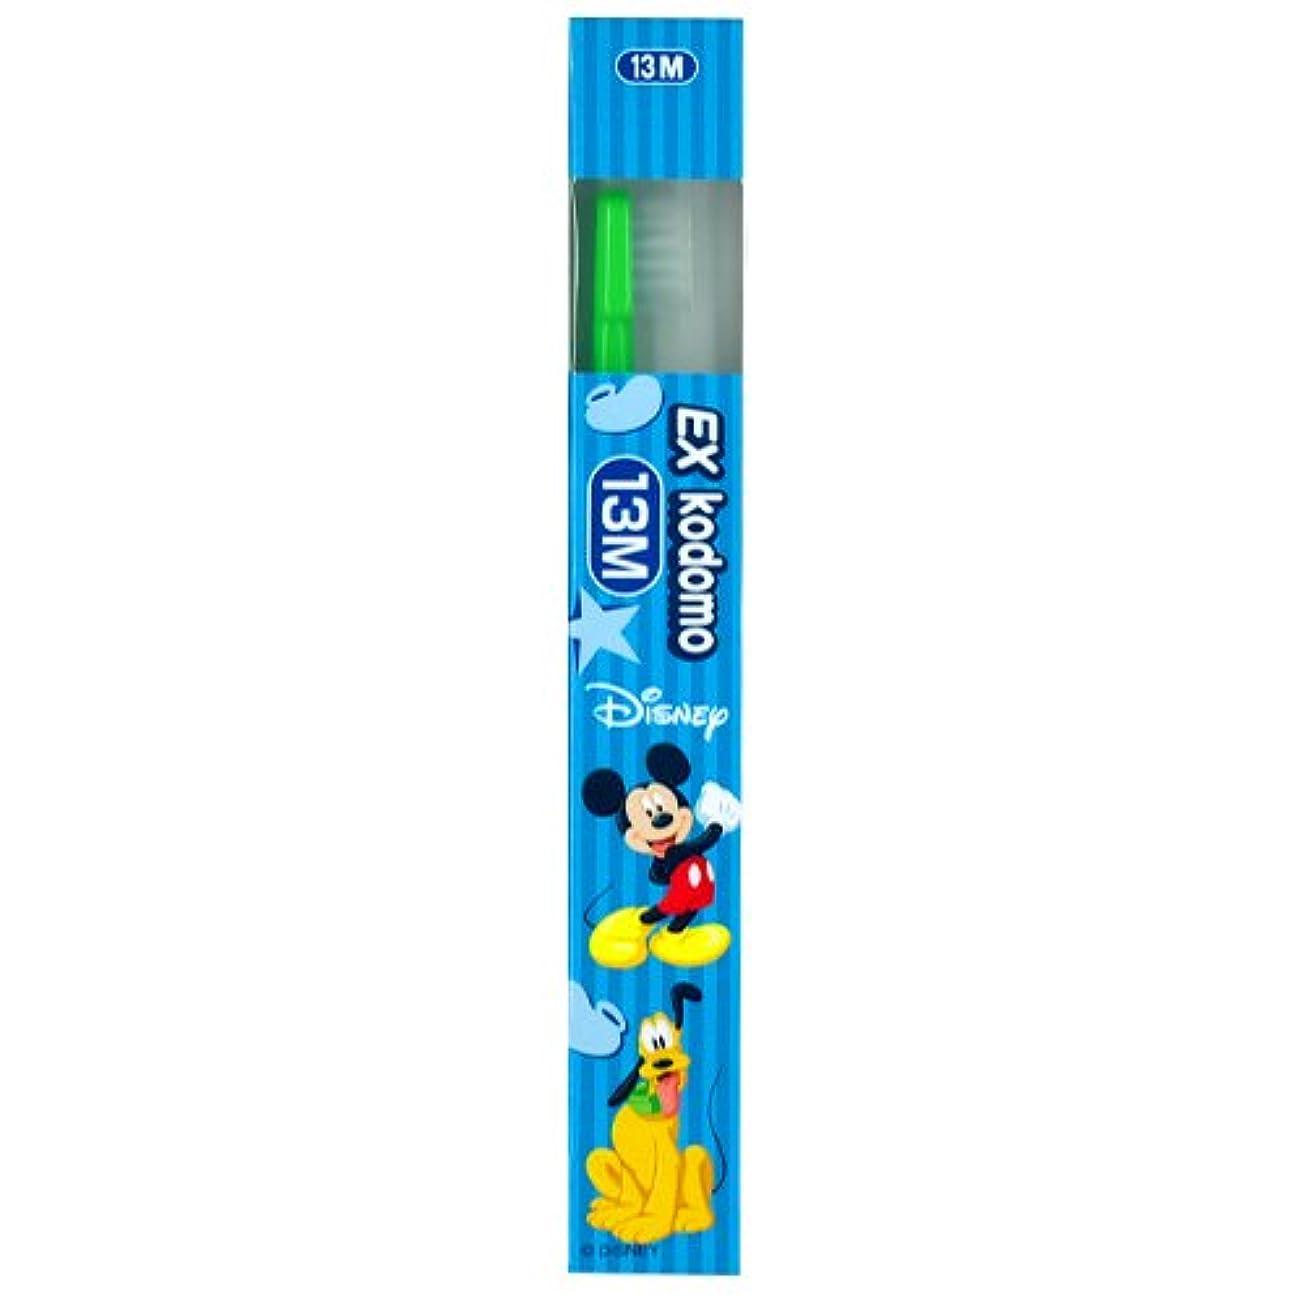 神秘解読する幻滅するライオン EX kodomo ディズニー 歯ブラシ 1本 13M グリーン